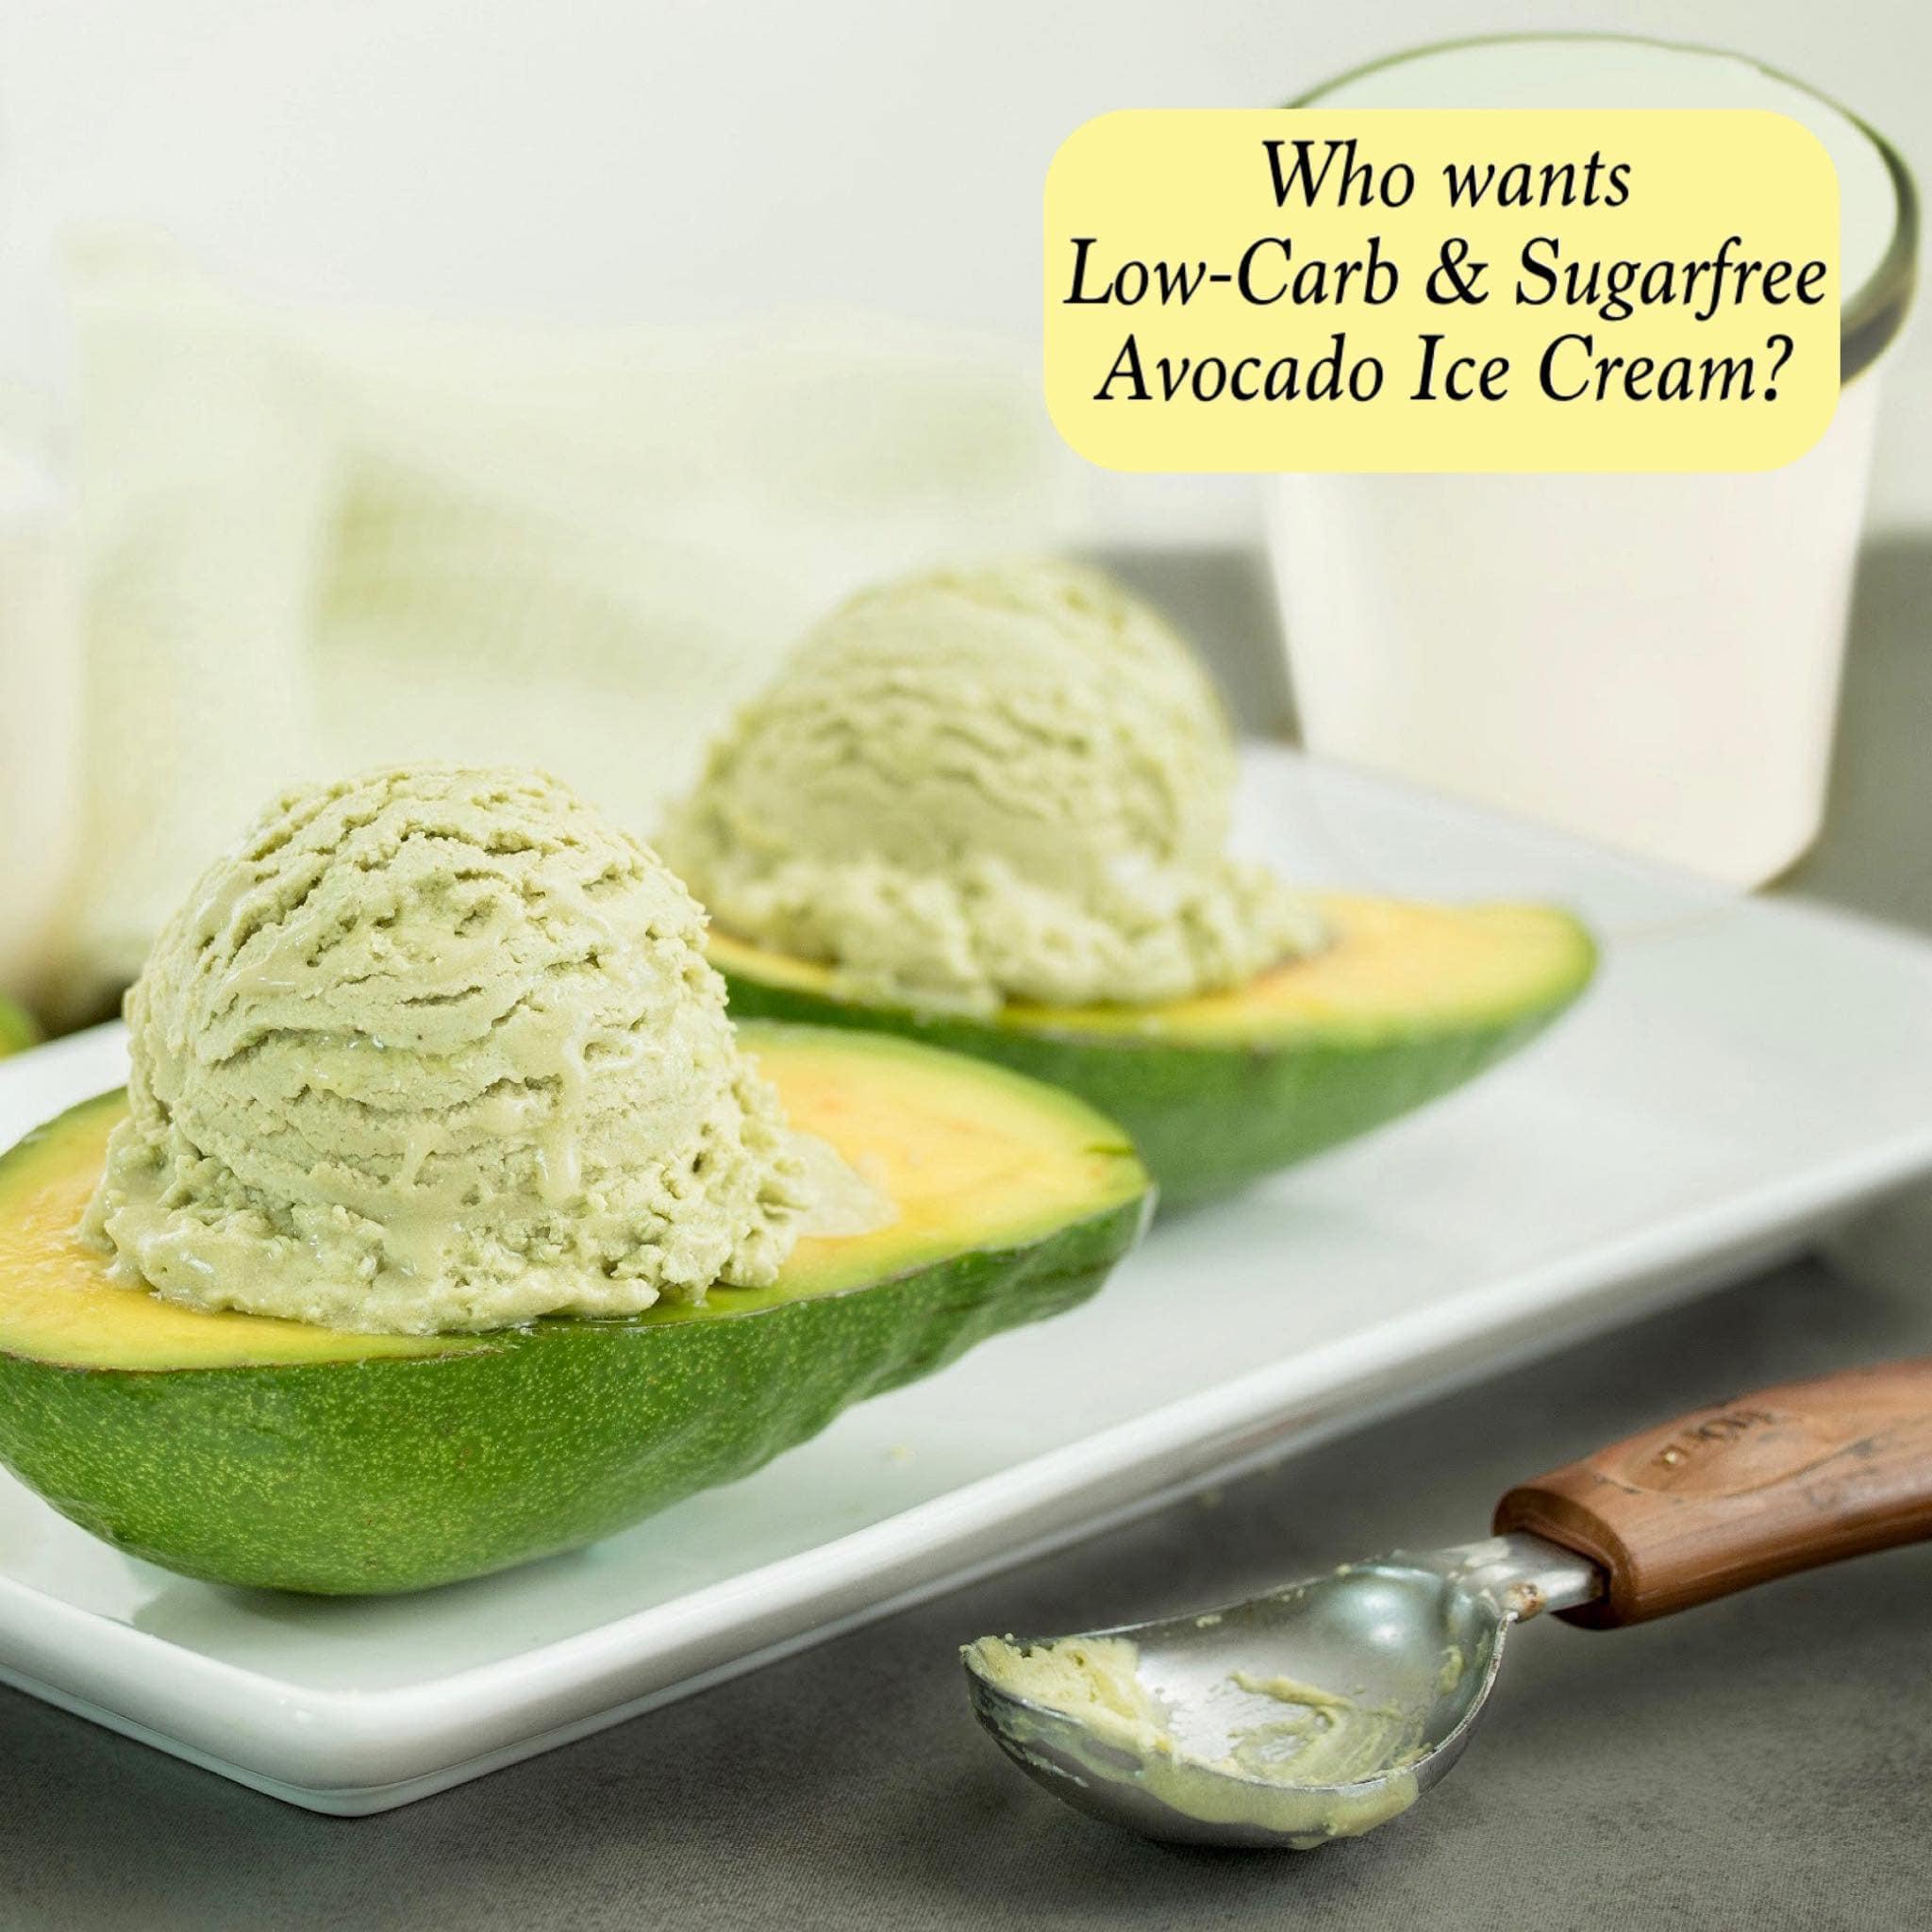 Avocado Ice Cream 1 pint